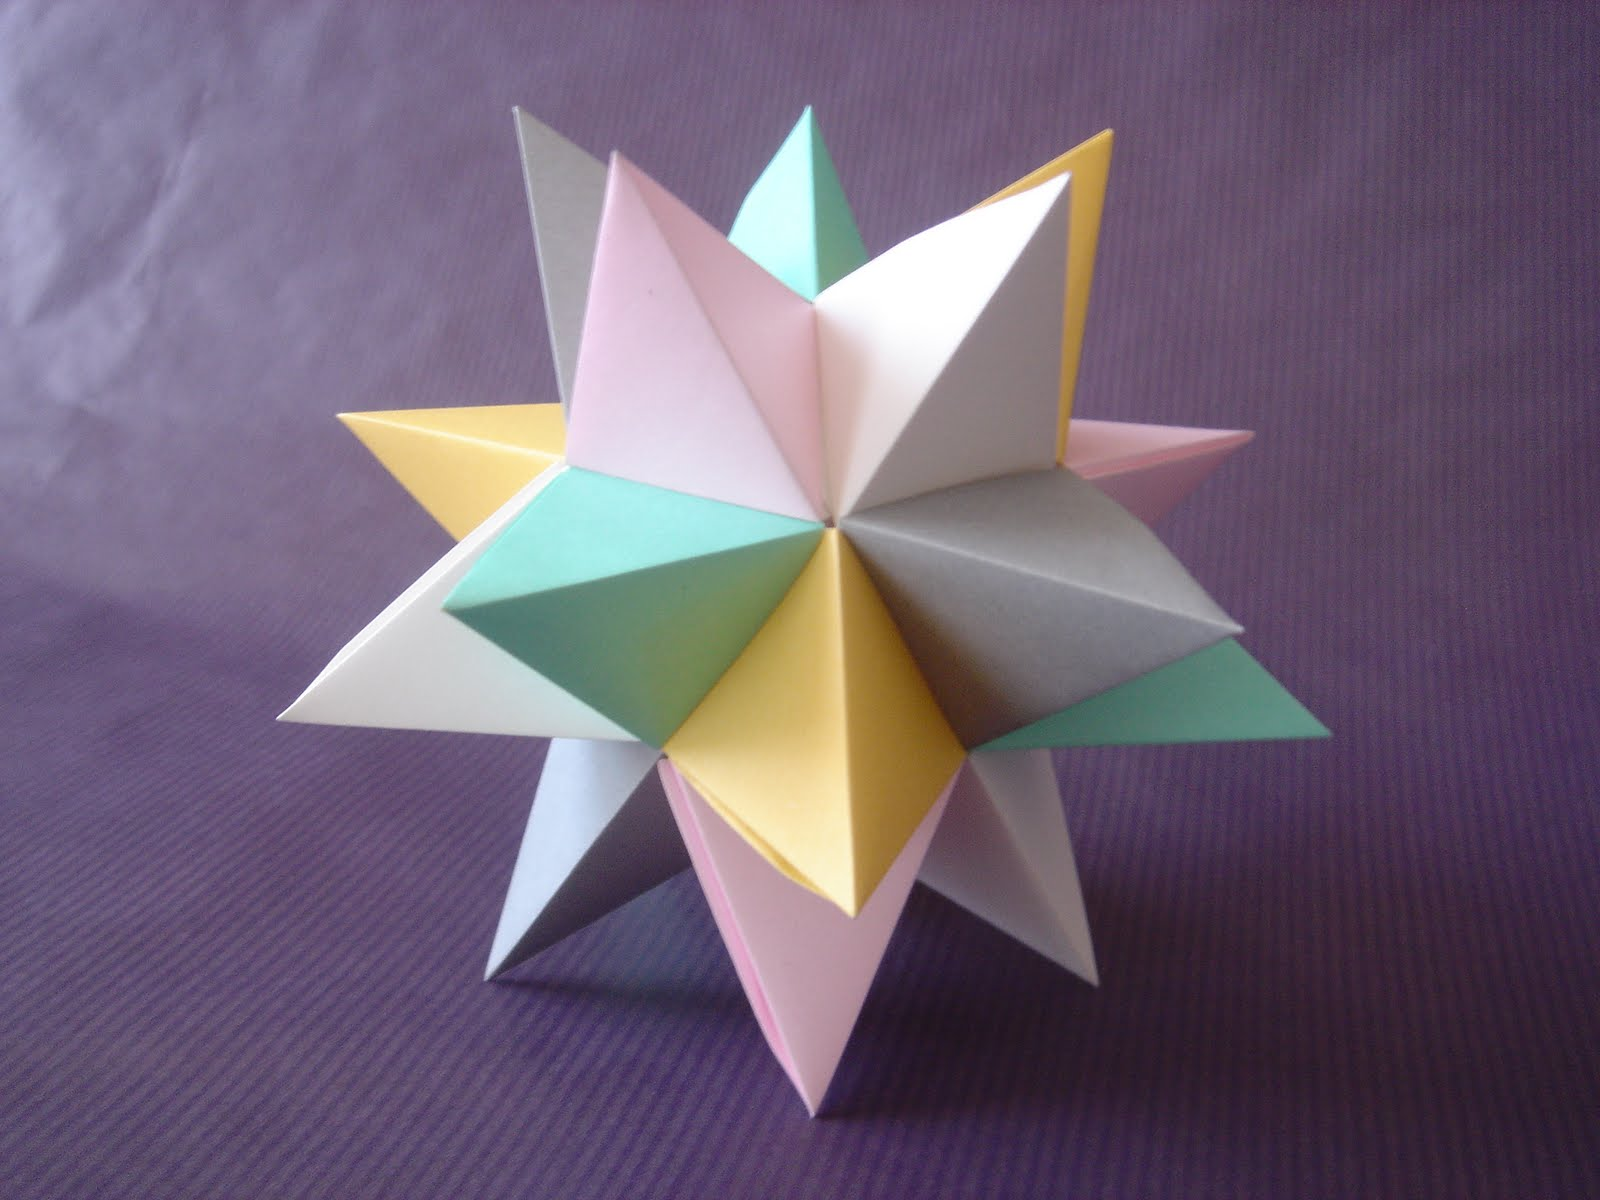 Pleg ndome agosto 2011 - Origami de una estrella ...